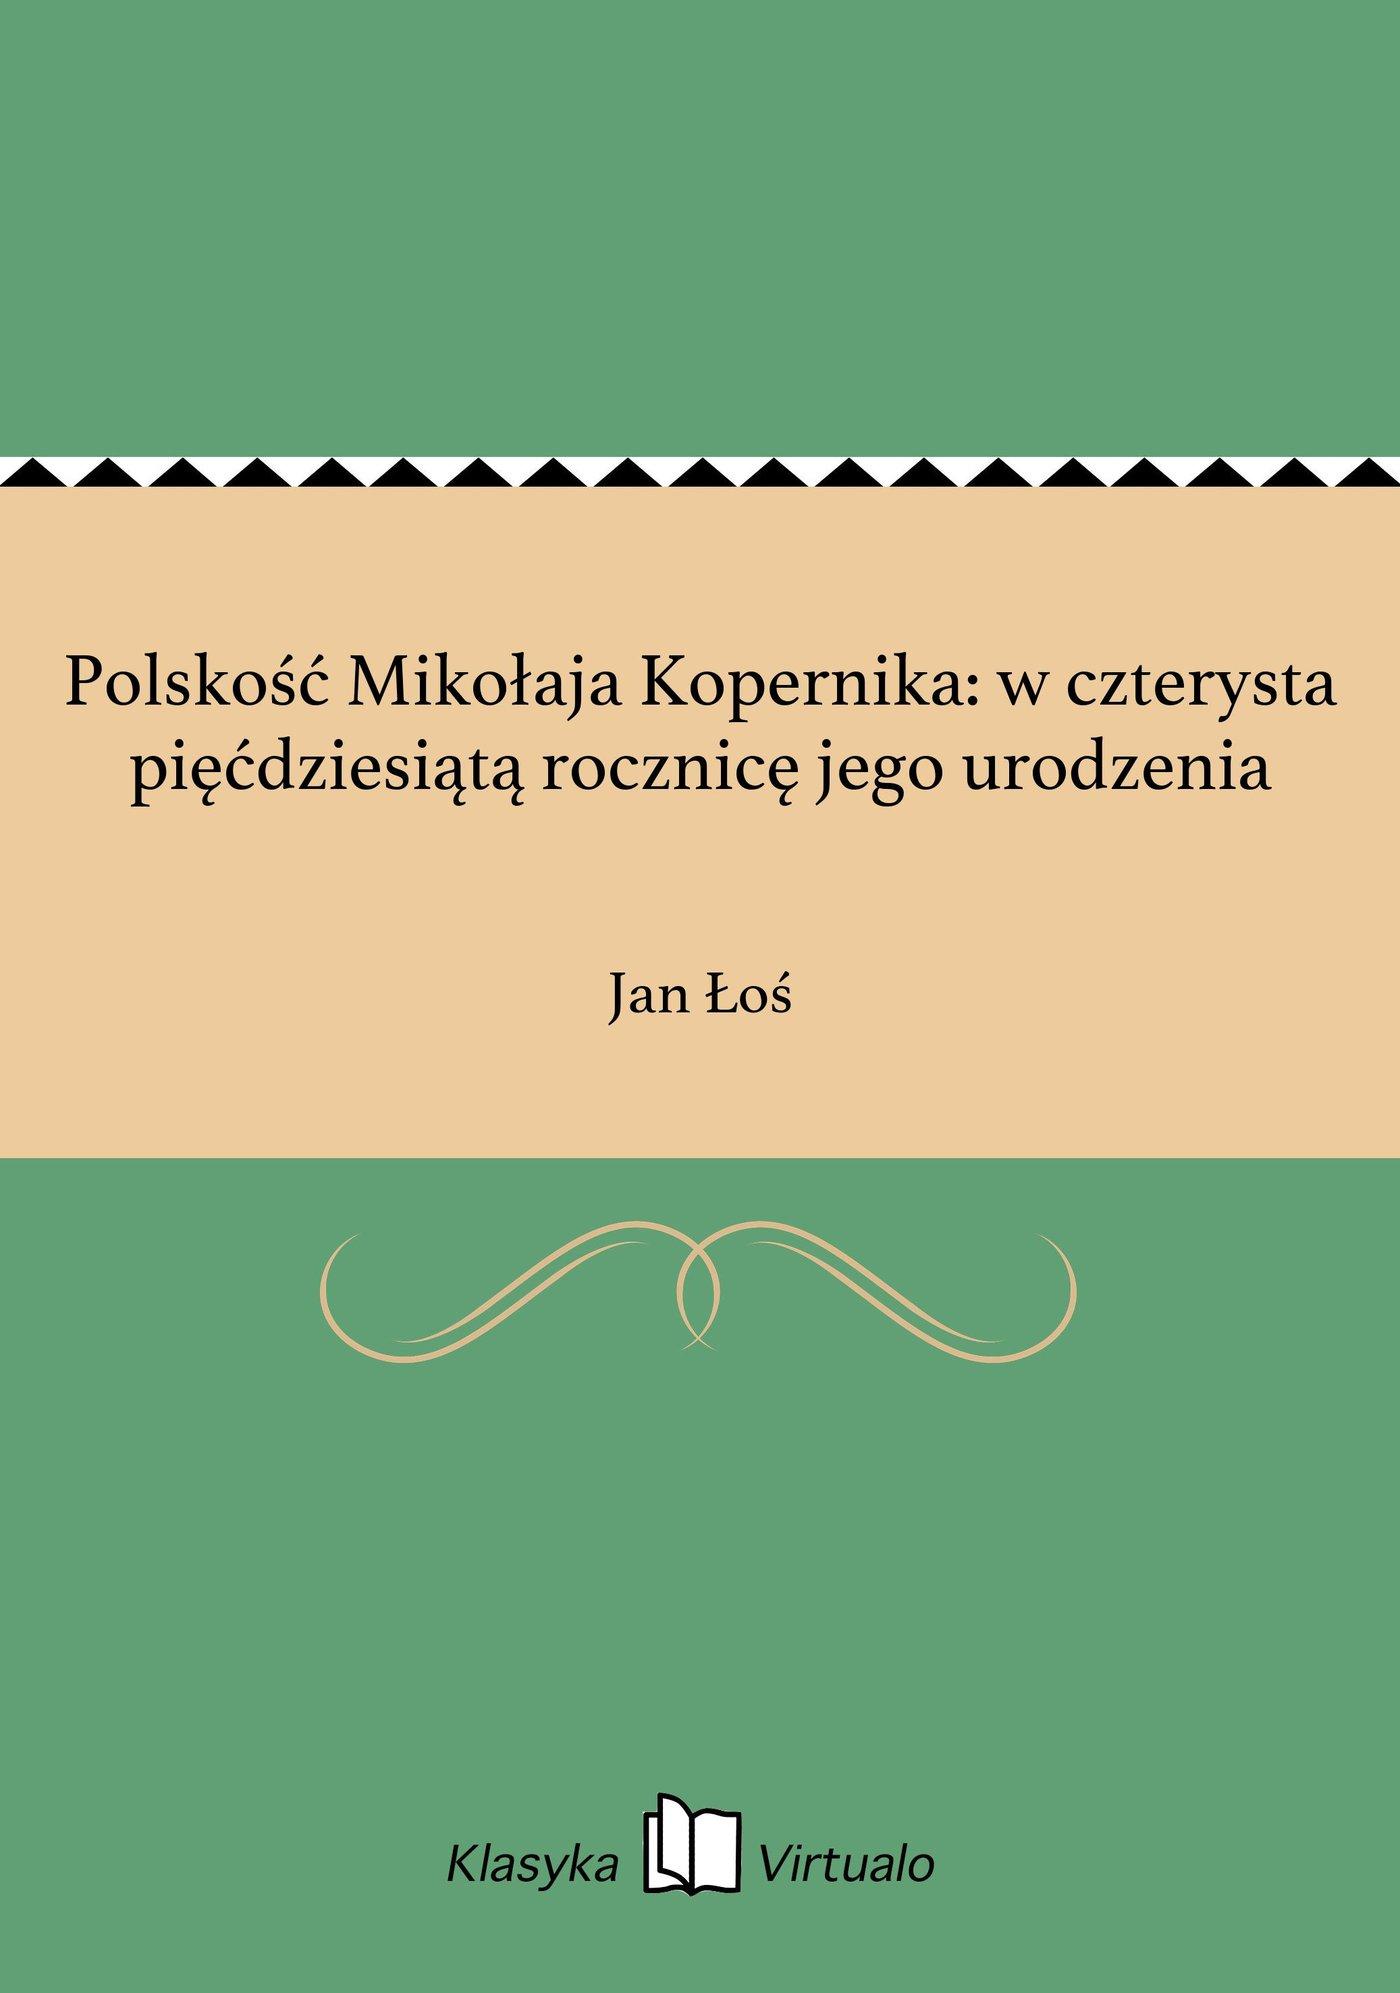 Polskość Mikołaja Kopernika: w czterysta pięćdziesiątą rocznicę jego urodzenia - Ebook (Książka na Kindle) do pobrania w formacie MOBI